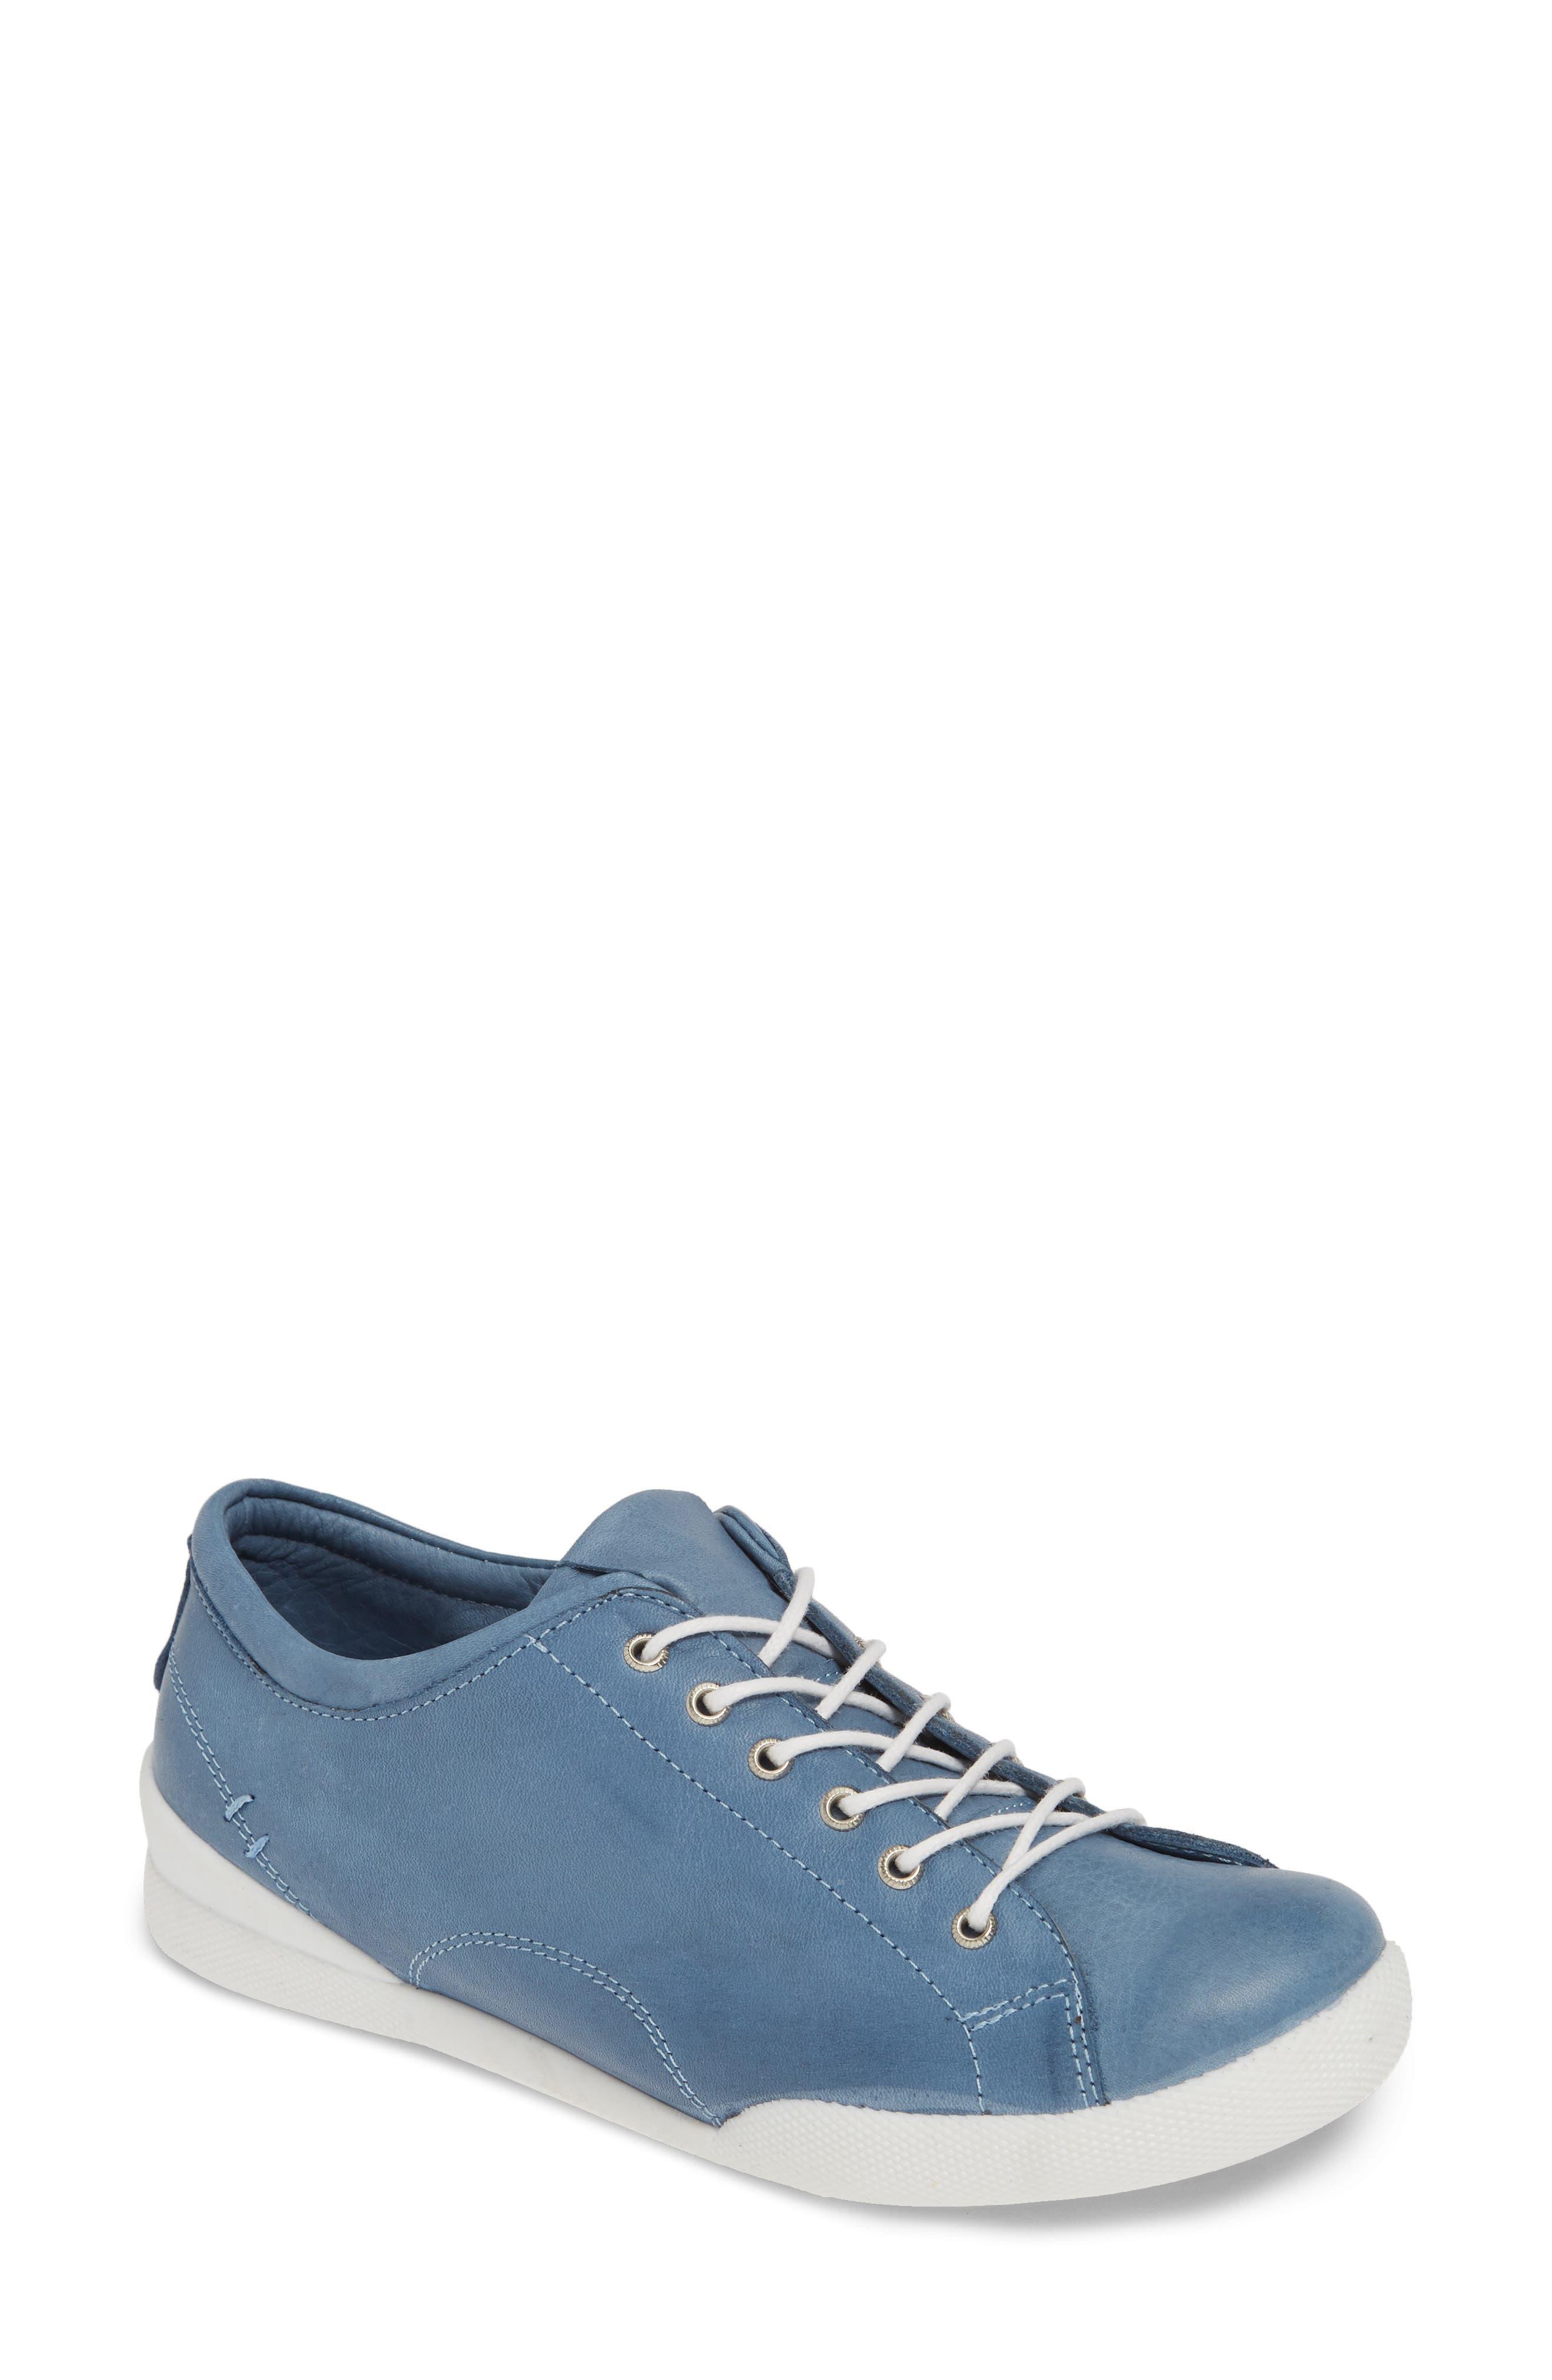 Sheridan Mia Abbey 2 Sneaker - Blue